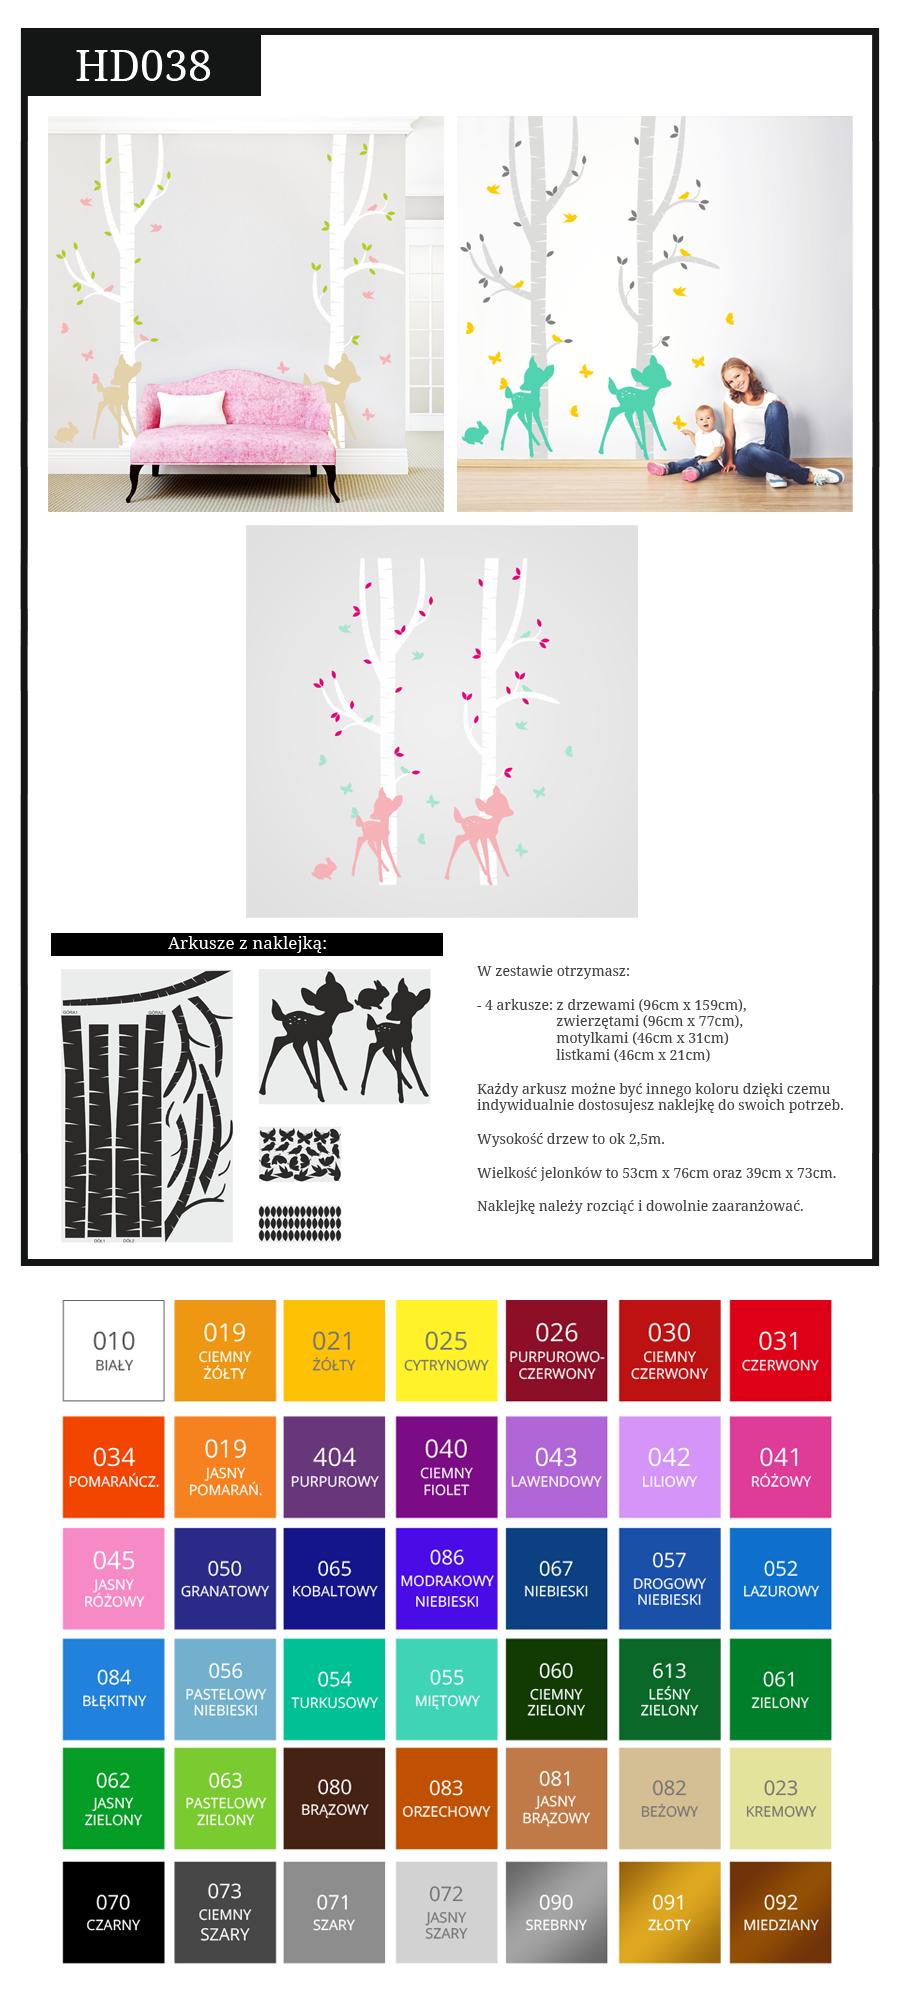 Naklejka Scienna Drzewo Jelonki Na Sciane Brzozy 4926776229 Oficjalne Archiwum Allegro Map Map Screenshot